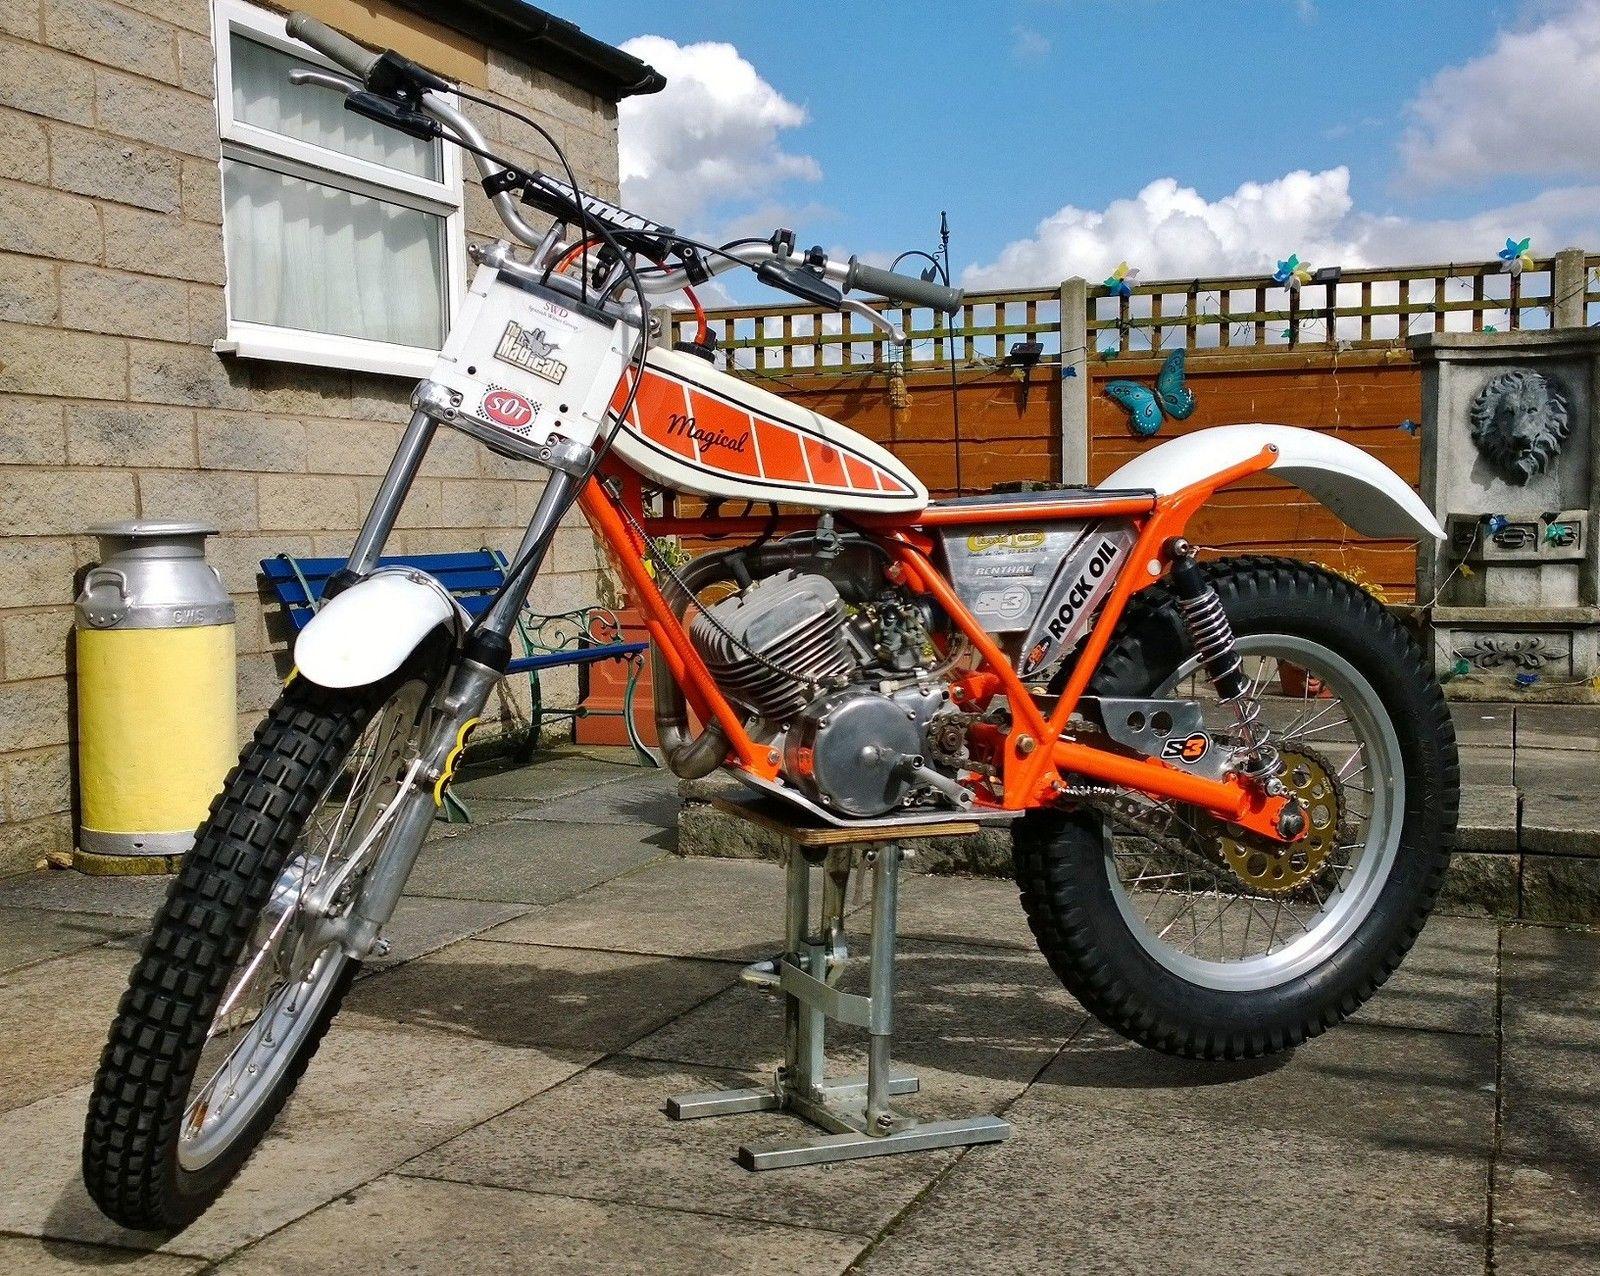 Yamaha ty majesty whitehawk 200cc twinshock trials bike for Yamaha trials bike